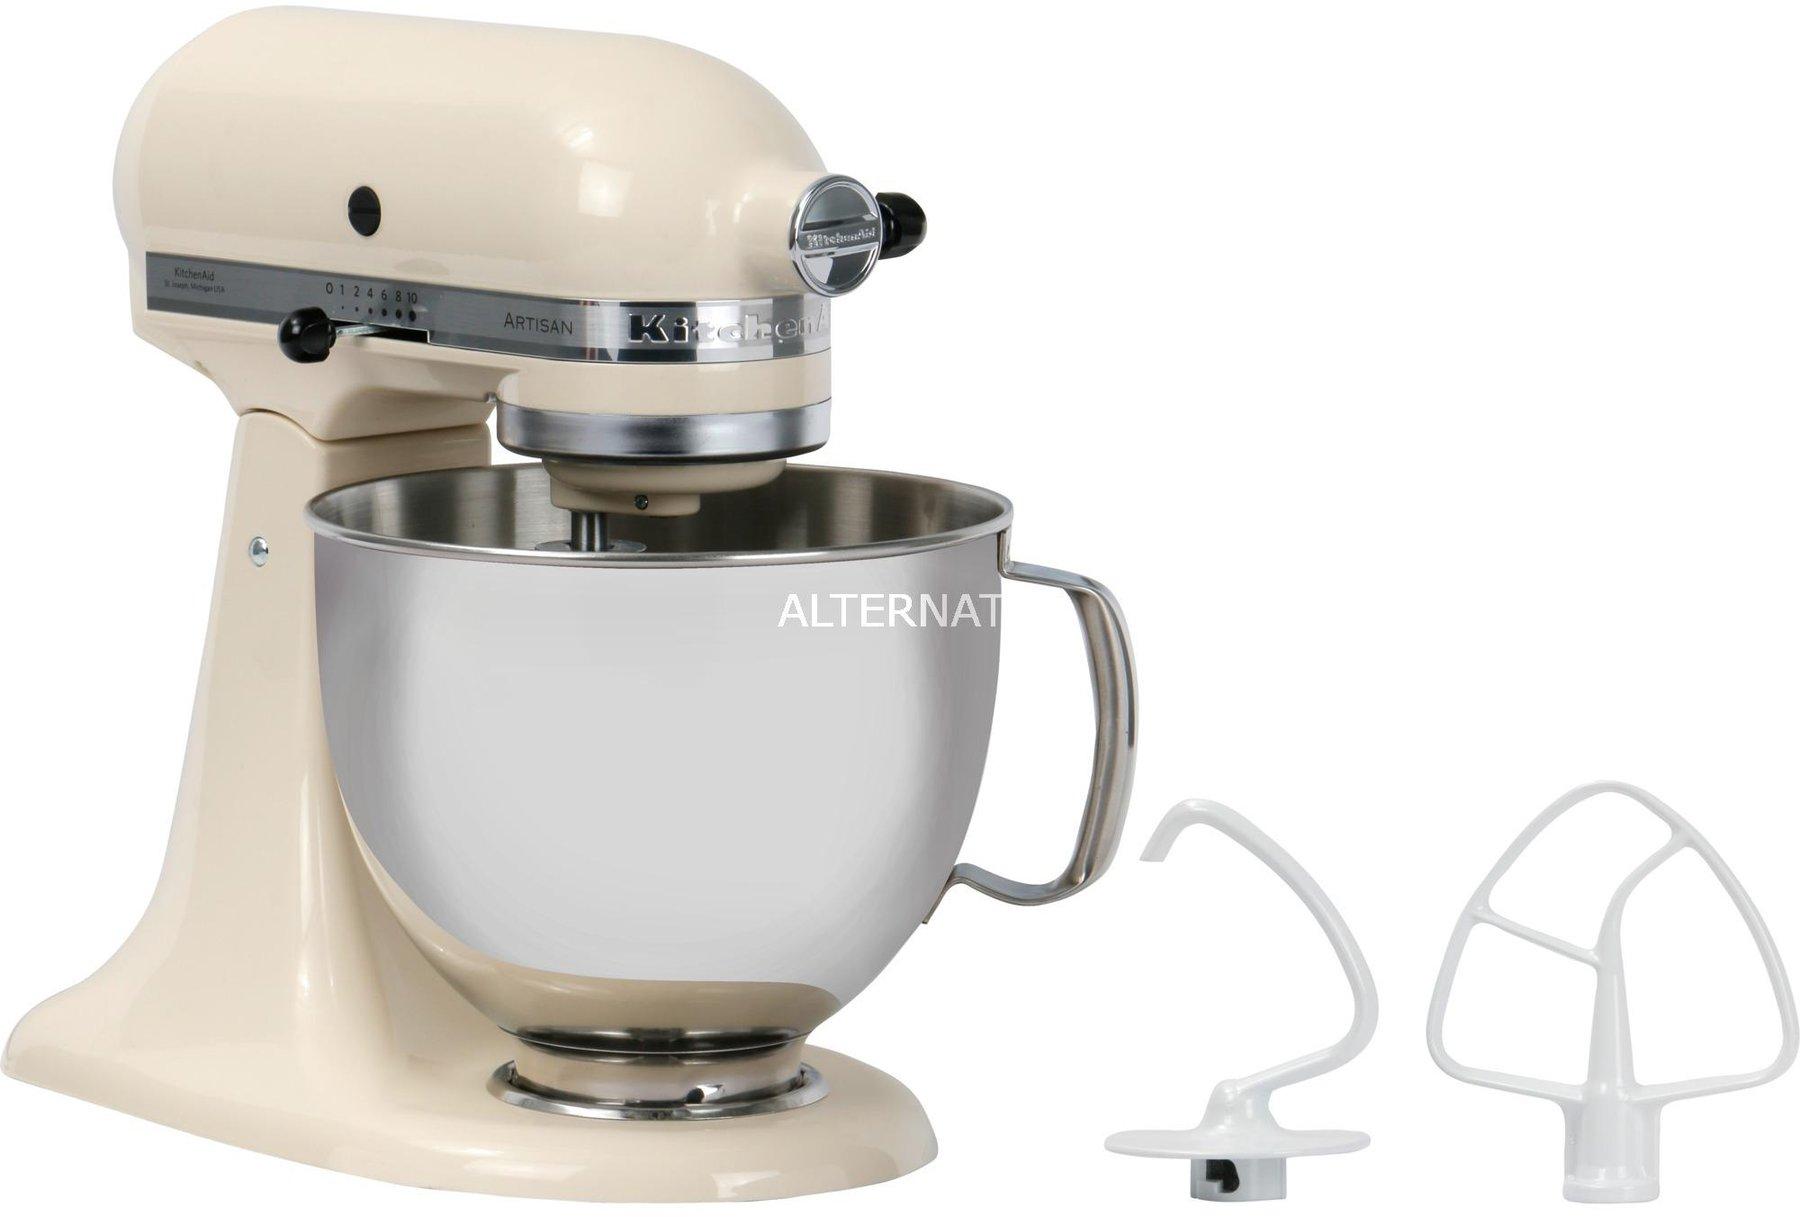 Kitchenaid artisan 5ksm125 eac creme bestellen bei preis.de